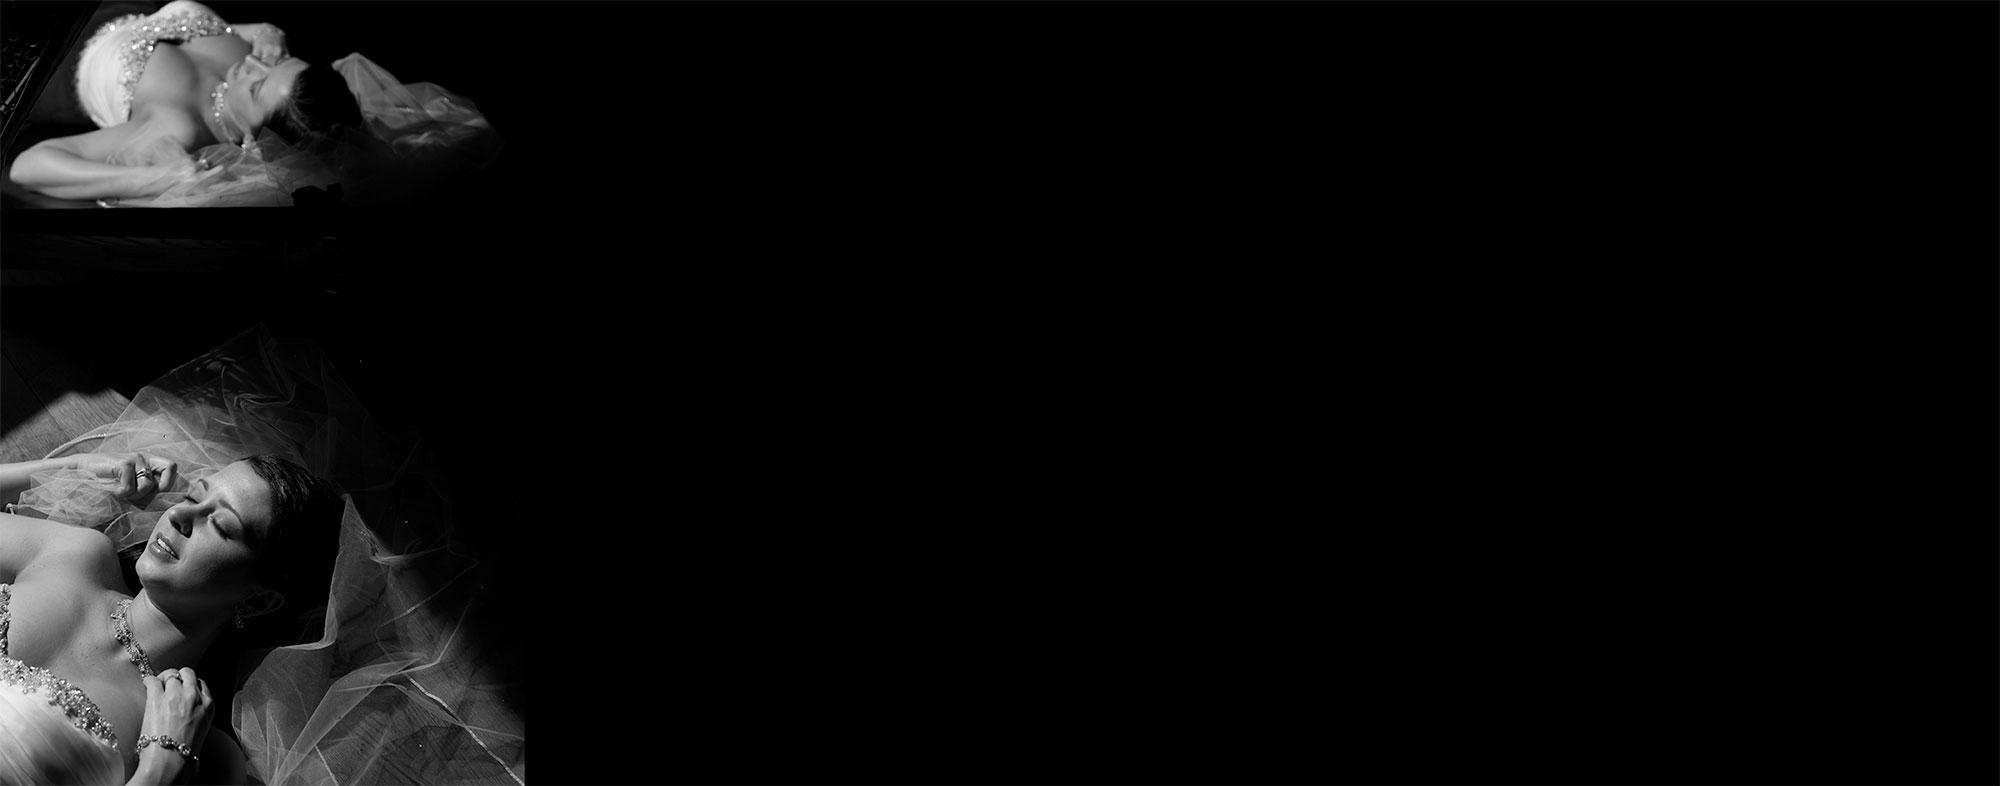 006-007b.jpg